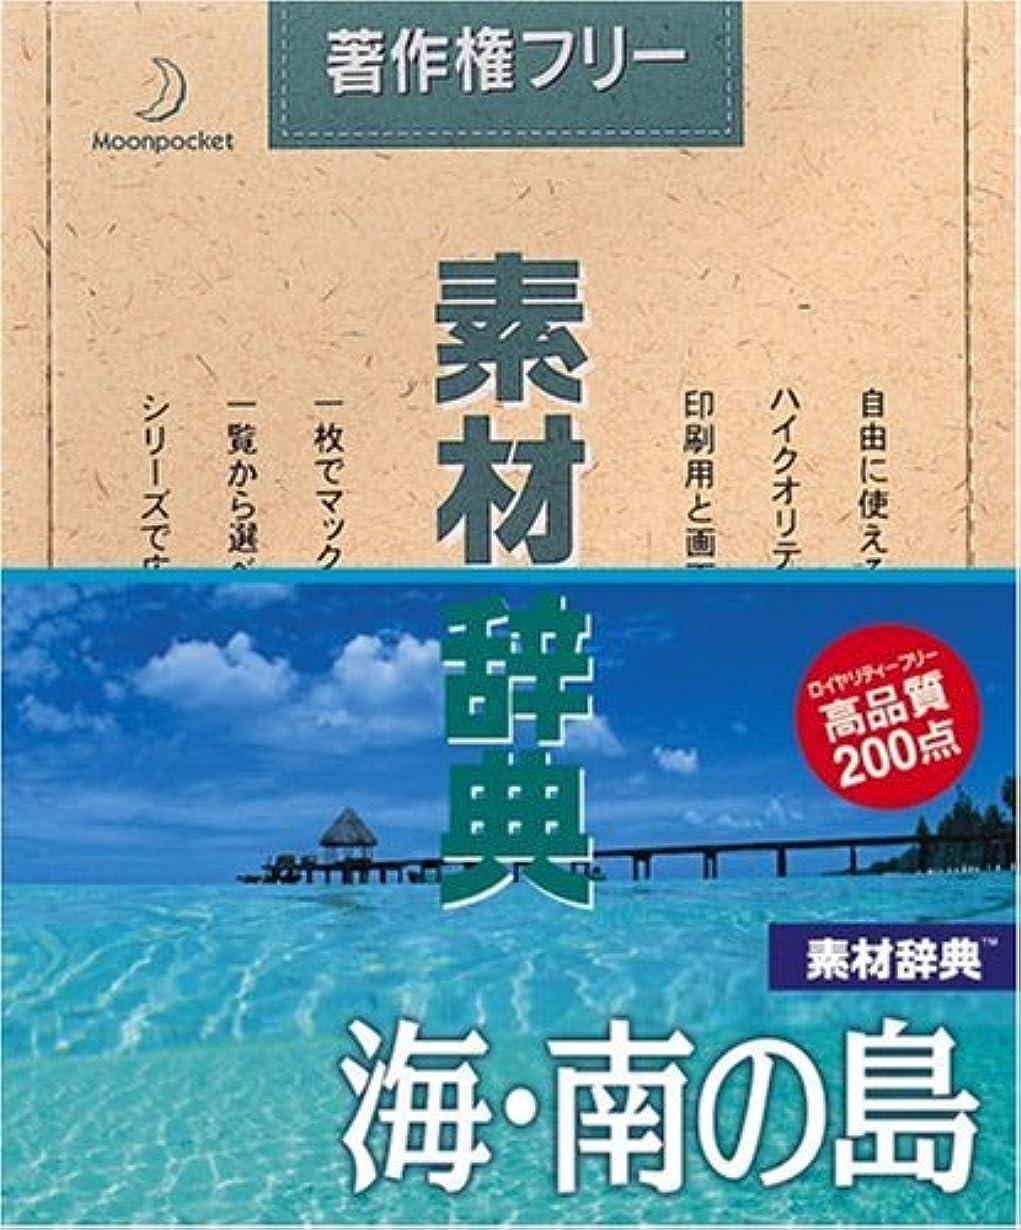 タバコ彼らのもの許される素材辞典 Vol.40 海?南の島編